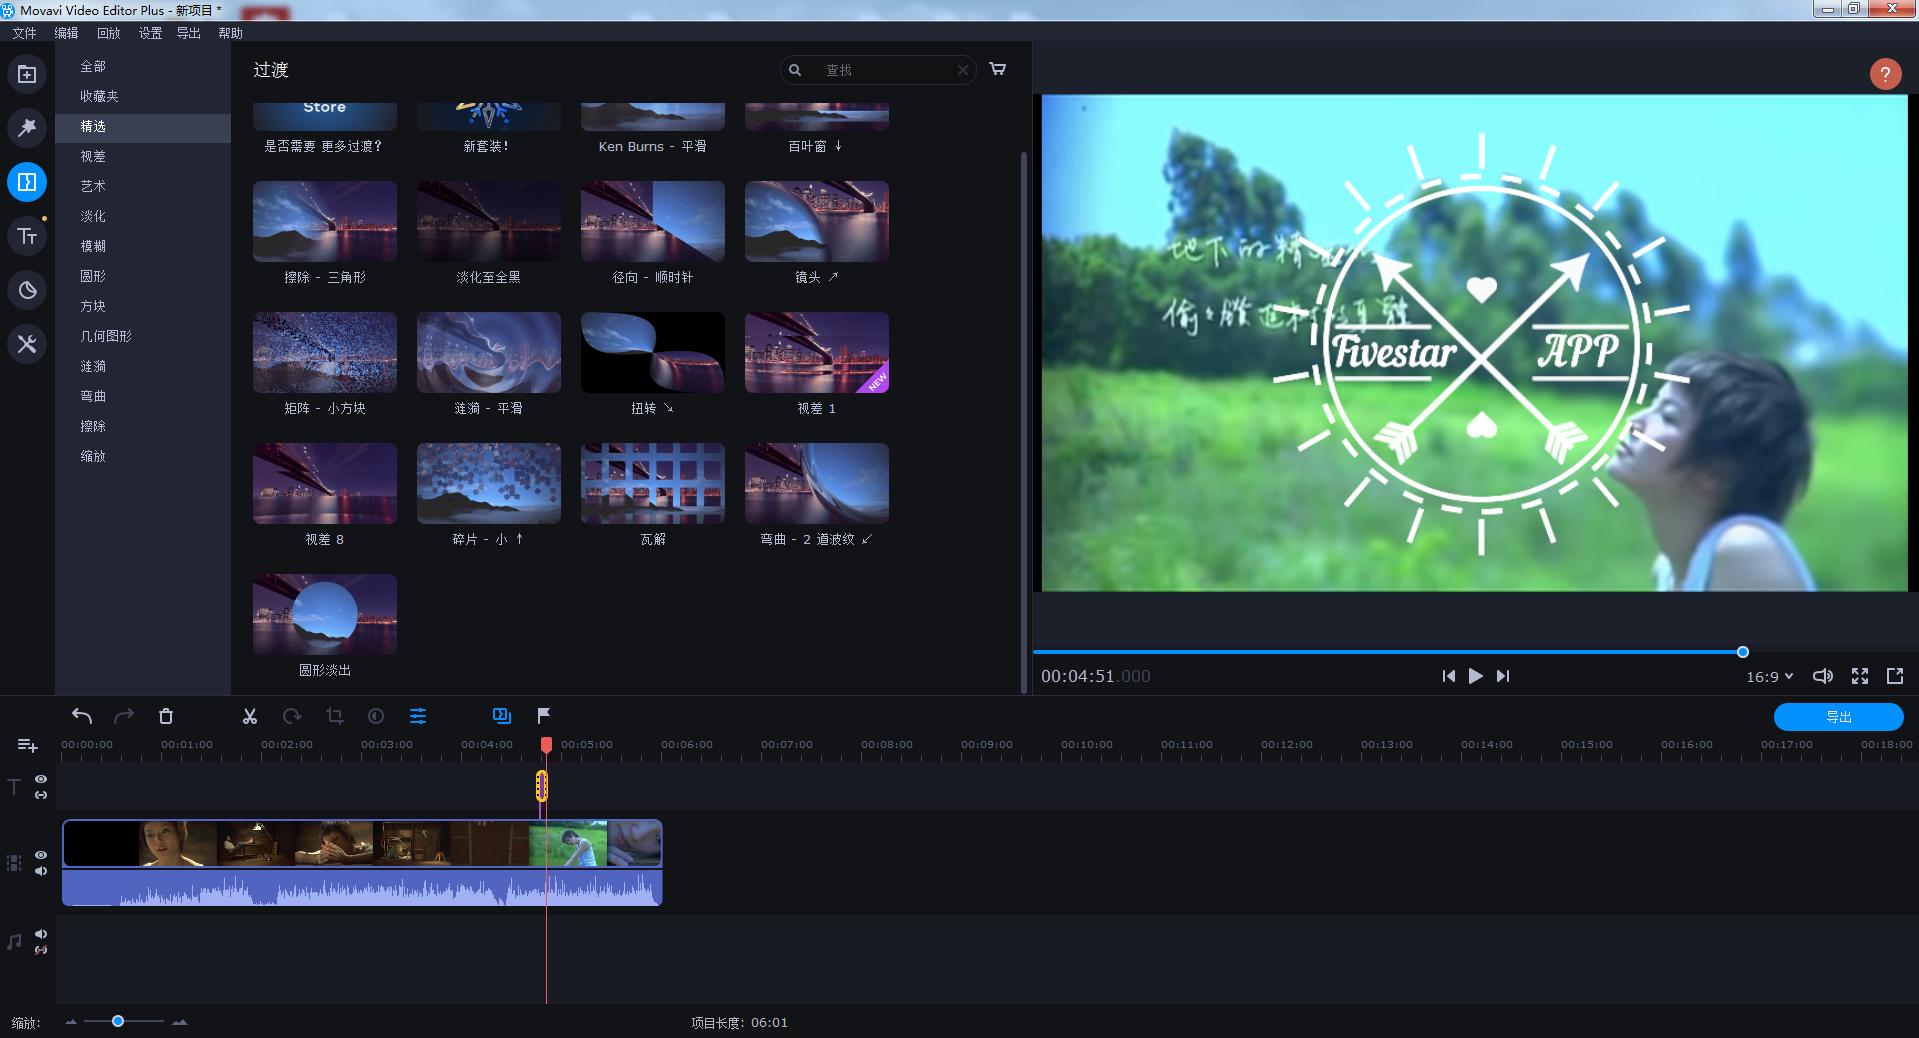 全能视频剪辑软件 MovaviVideoEditor v20 中文破解版